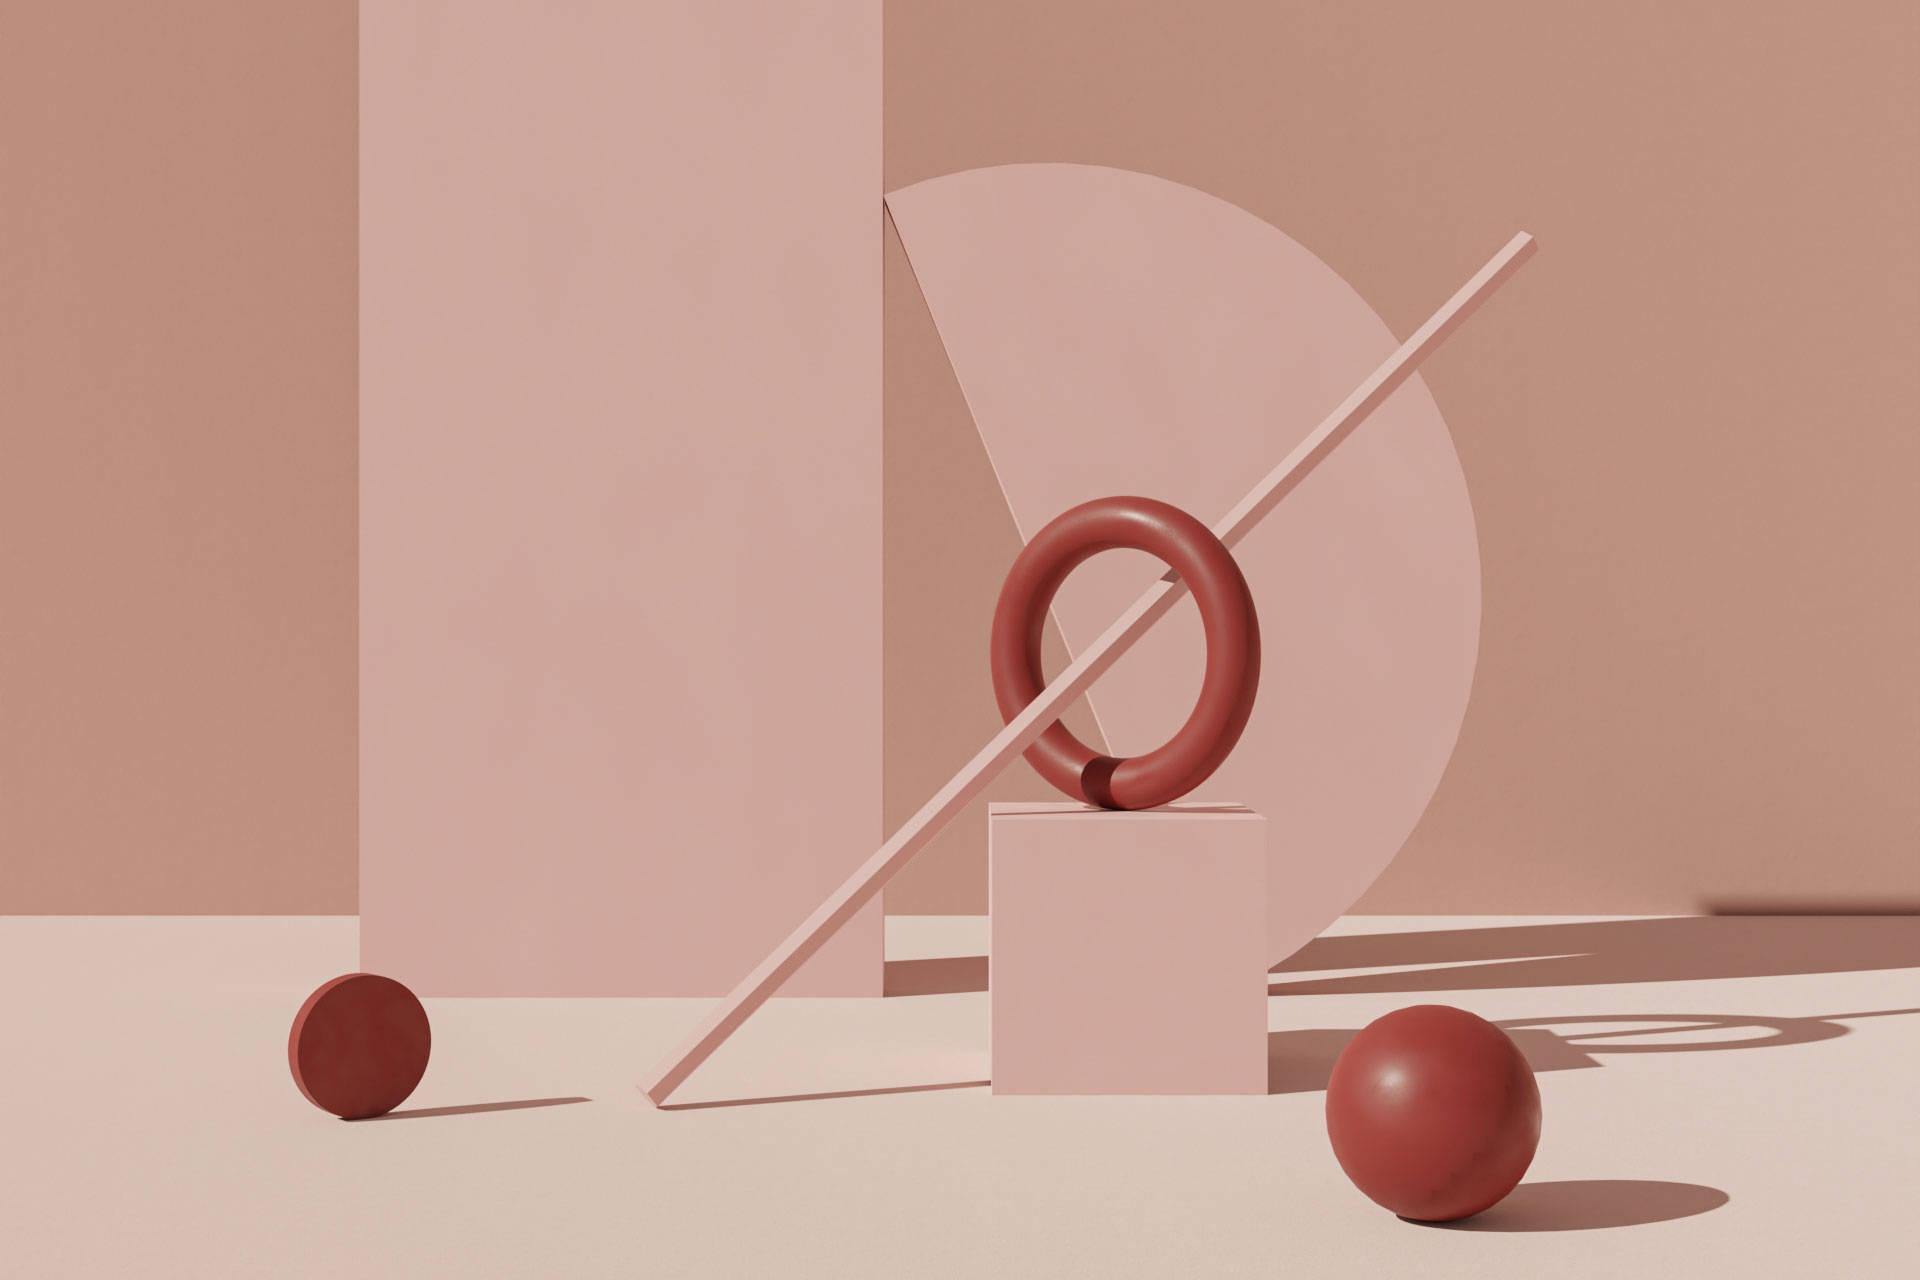 3D rendering geometric objects